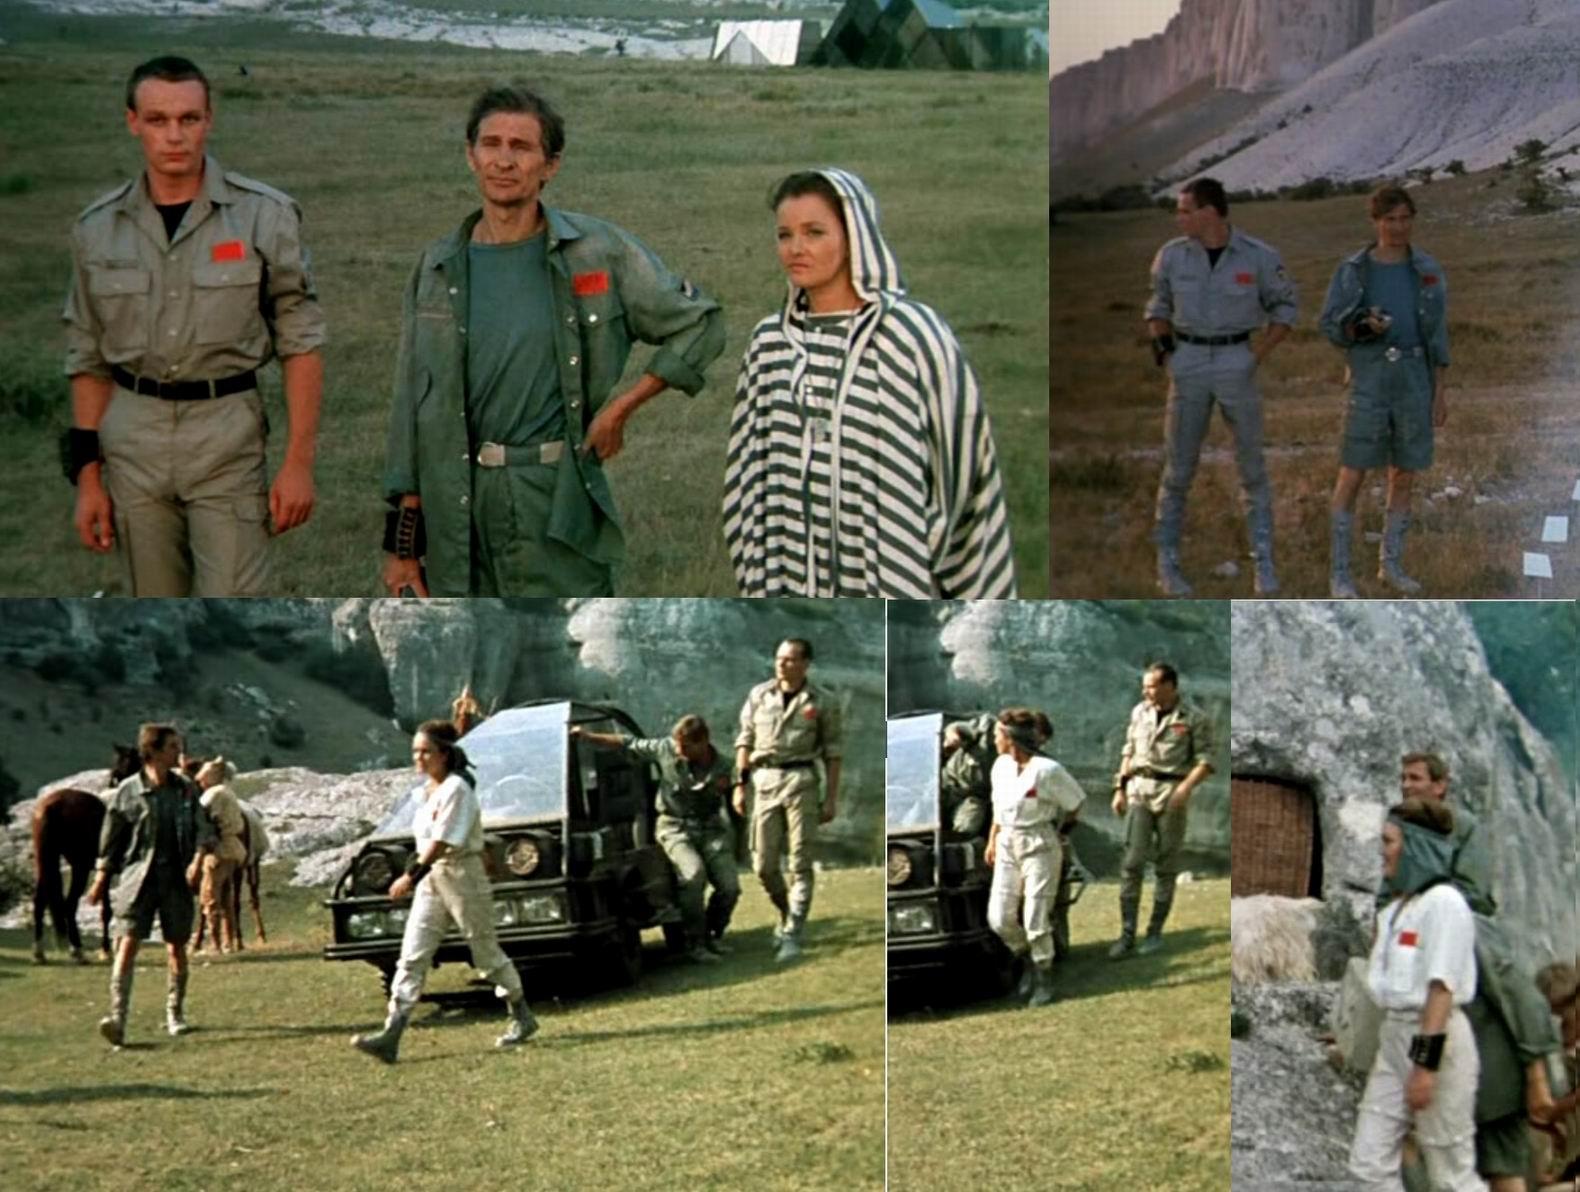 Цвет их одежды маскирует в тех условиях, хотя они и не военные. Различные виды рубашек. Шорты. Брюкошорты на кнопках у женщины. Назатыльник.